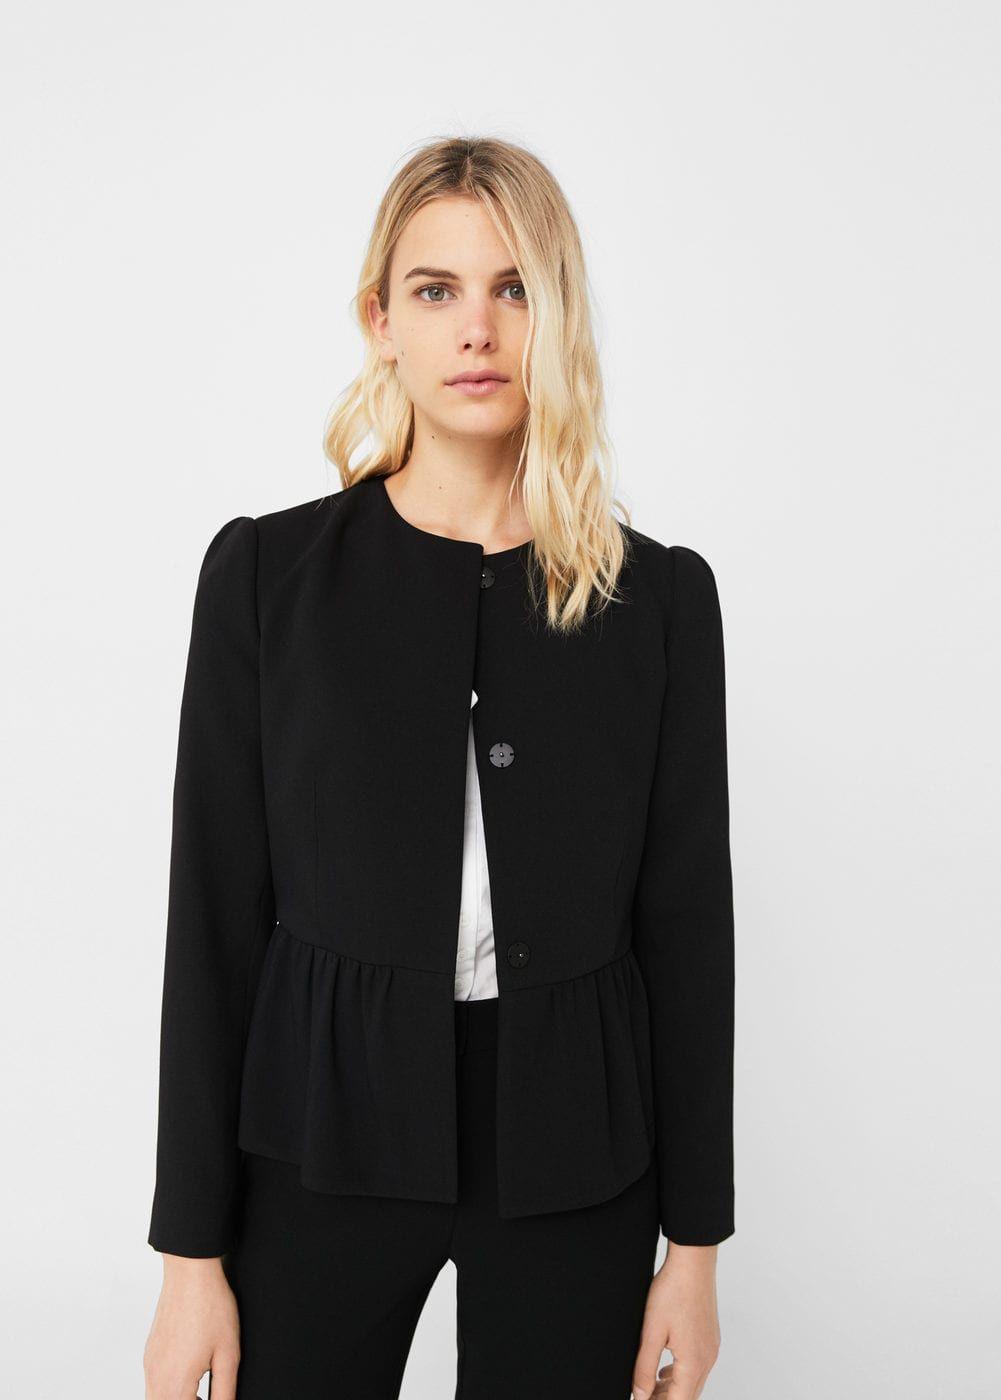 Peplum jacket - Women   Fall favorites   Peplum jacket, Jackets, Clothes 86316862d5a9